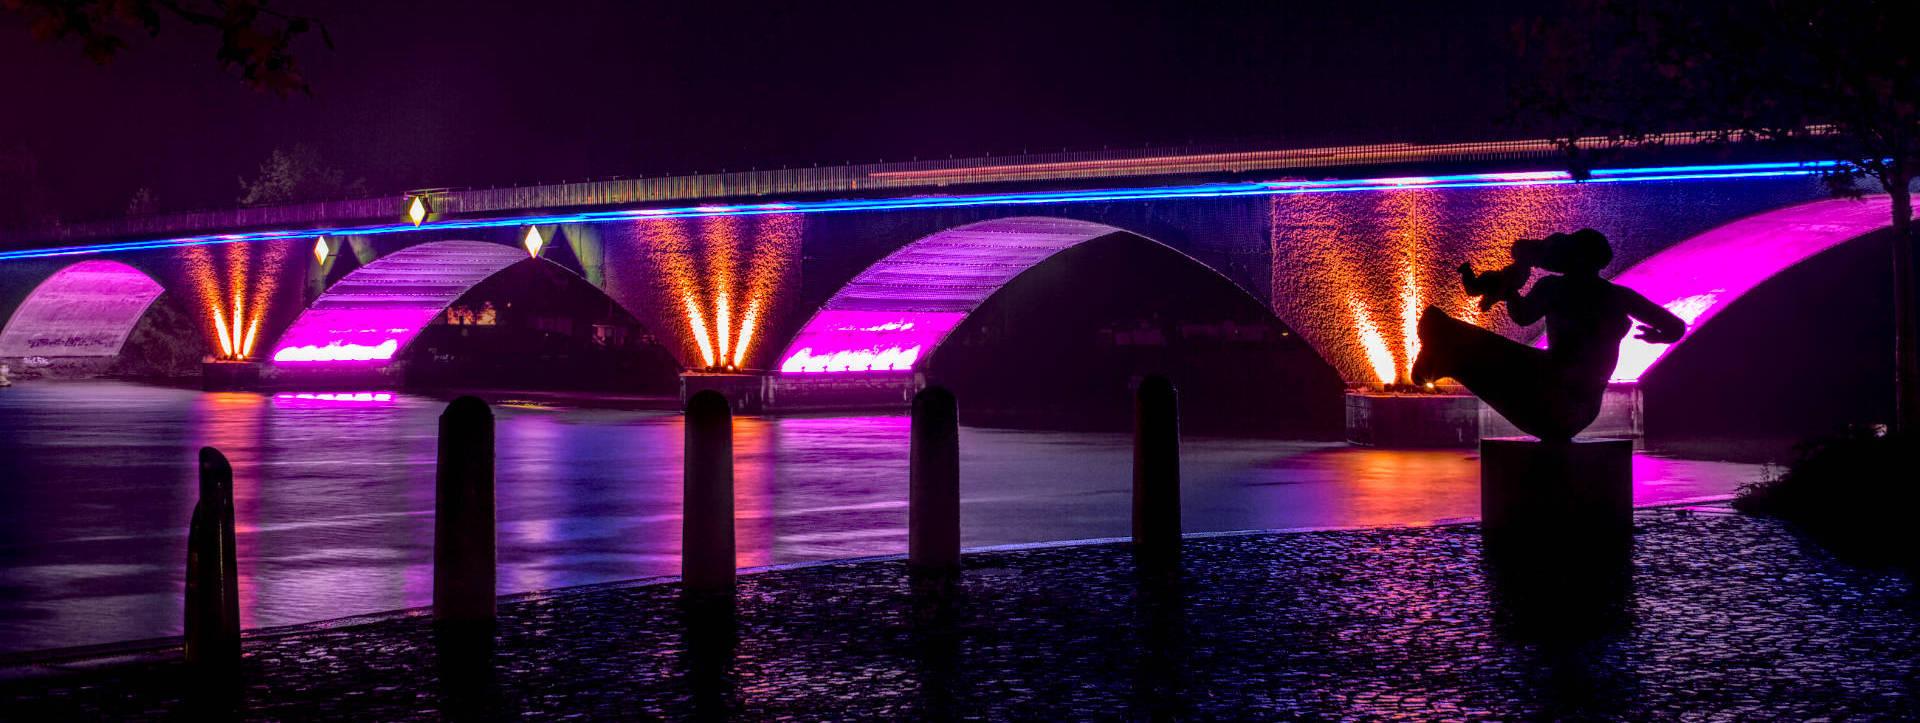 Beleuchtung der Stadtbrücke Schwedt/Oder